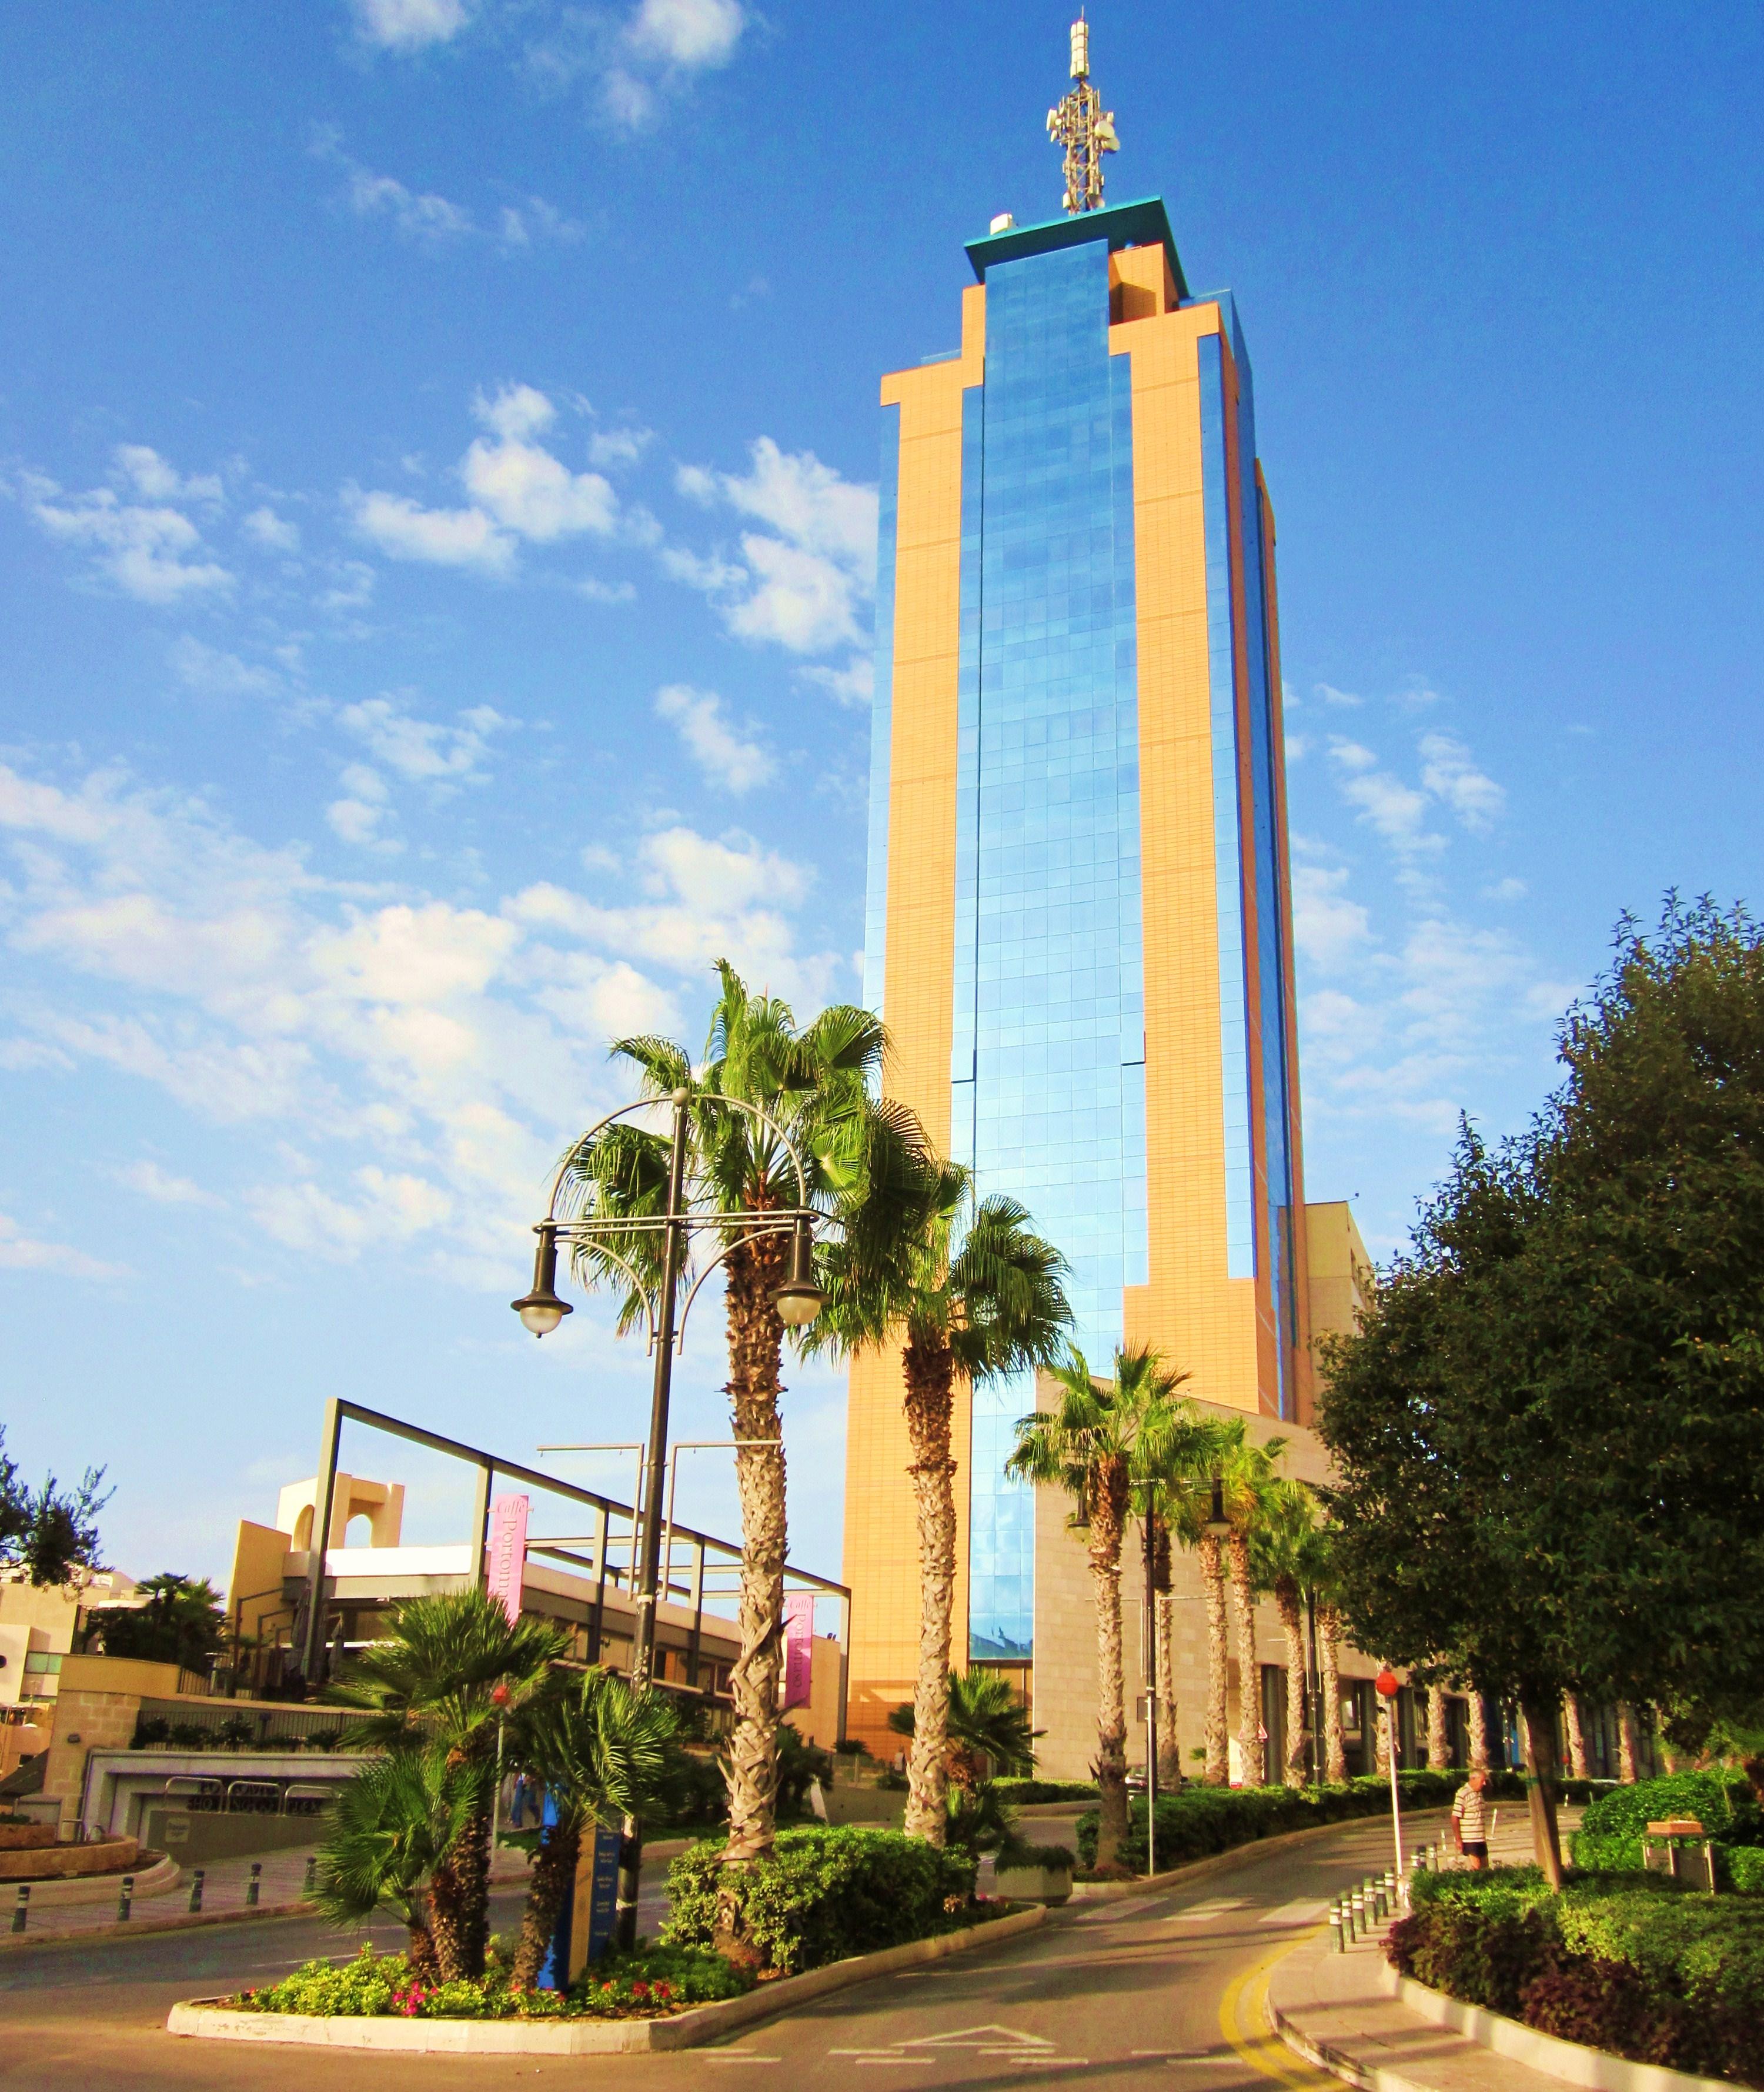 portomaso casino battle of malta